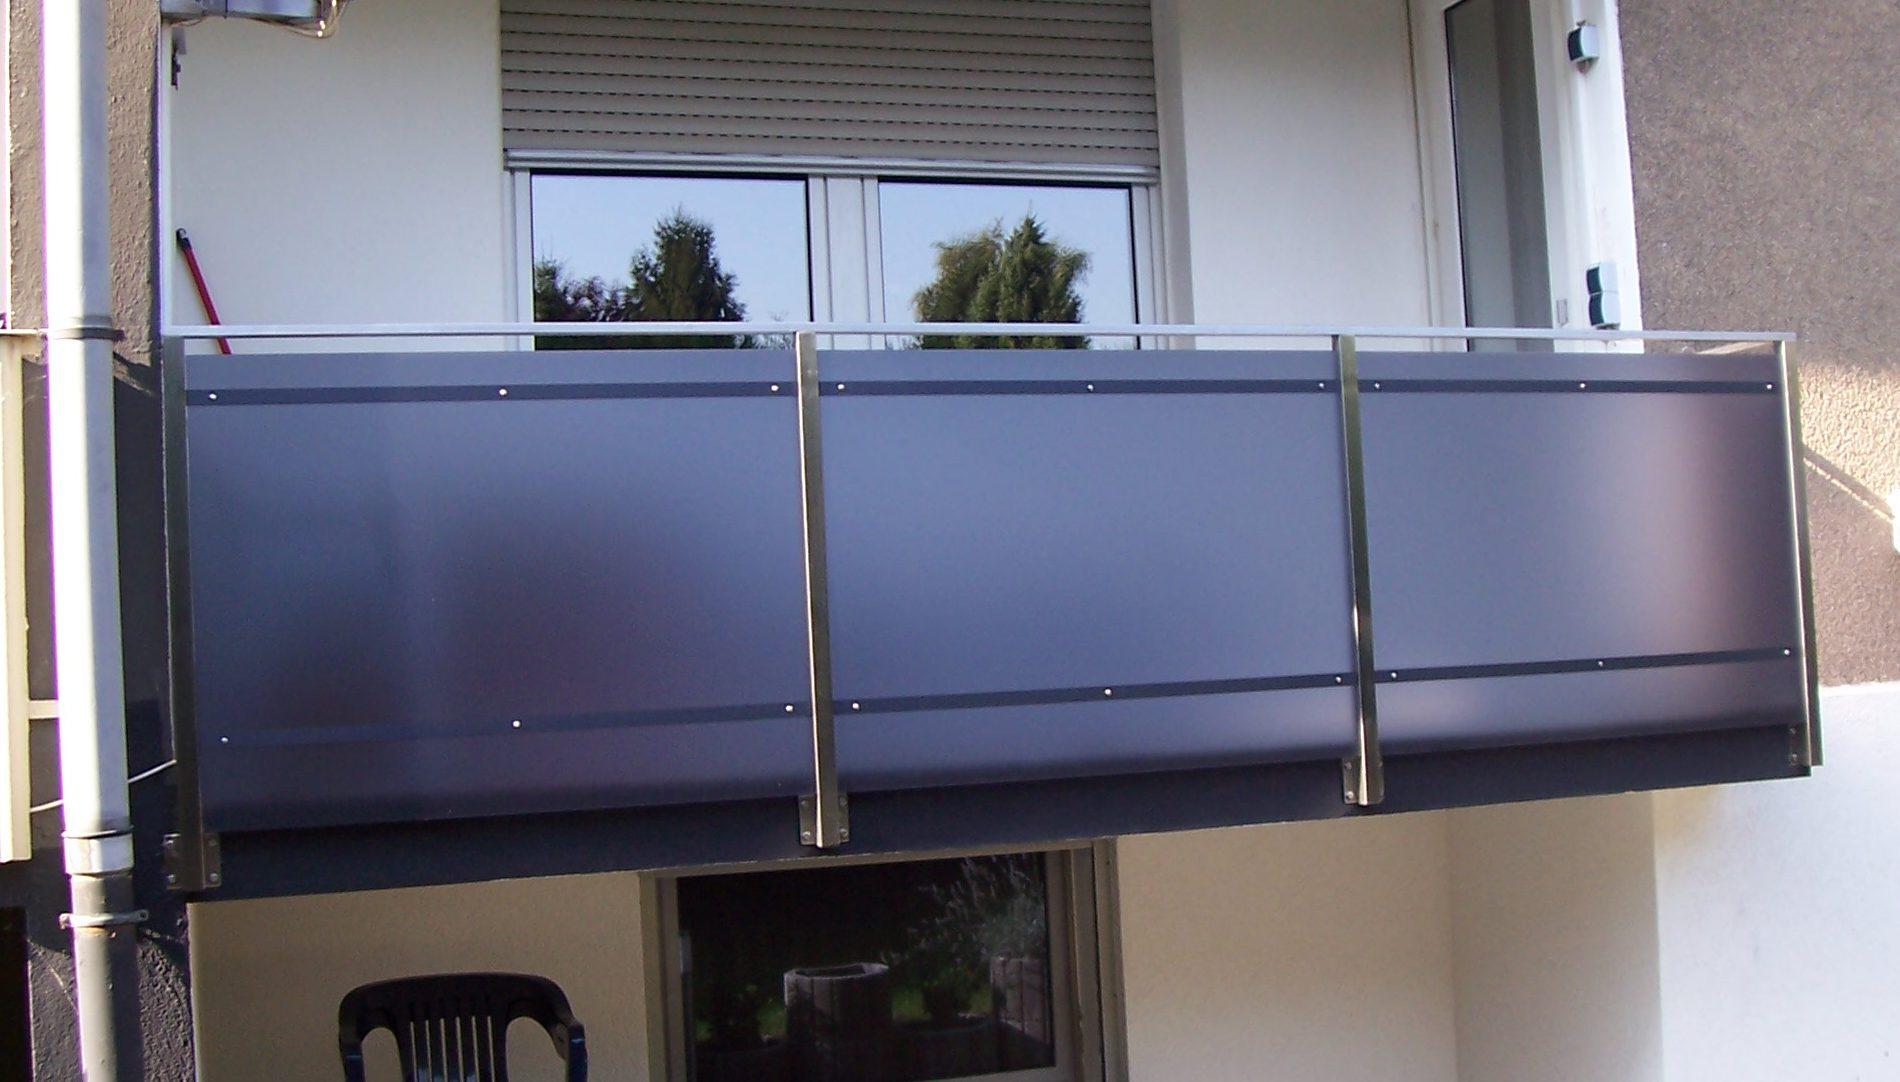 Balkongeländer mit Plexiglas